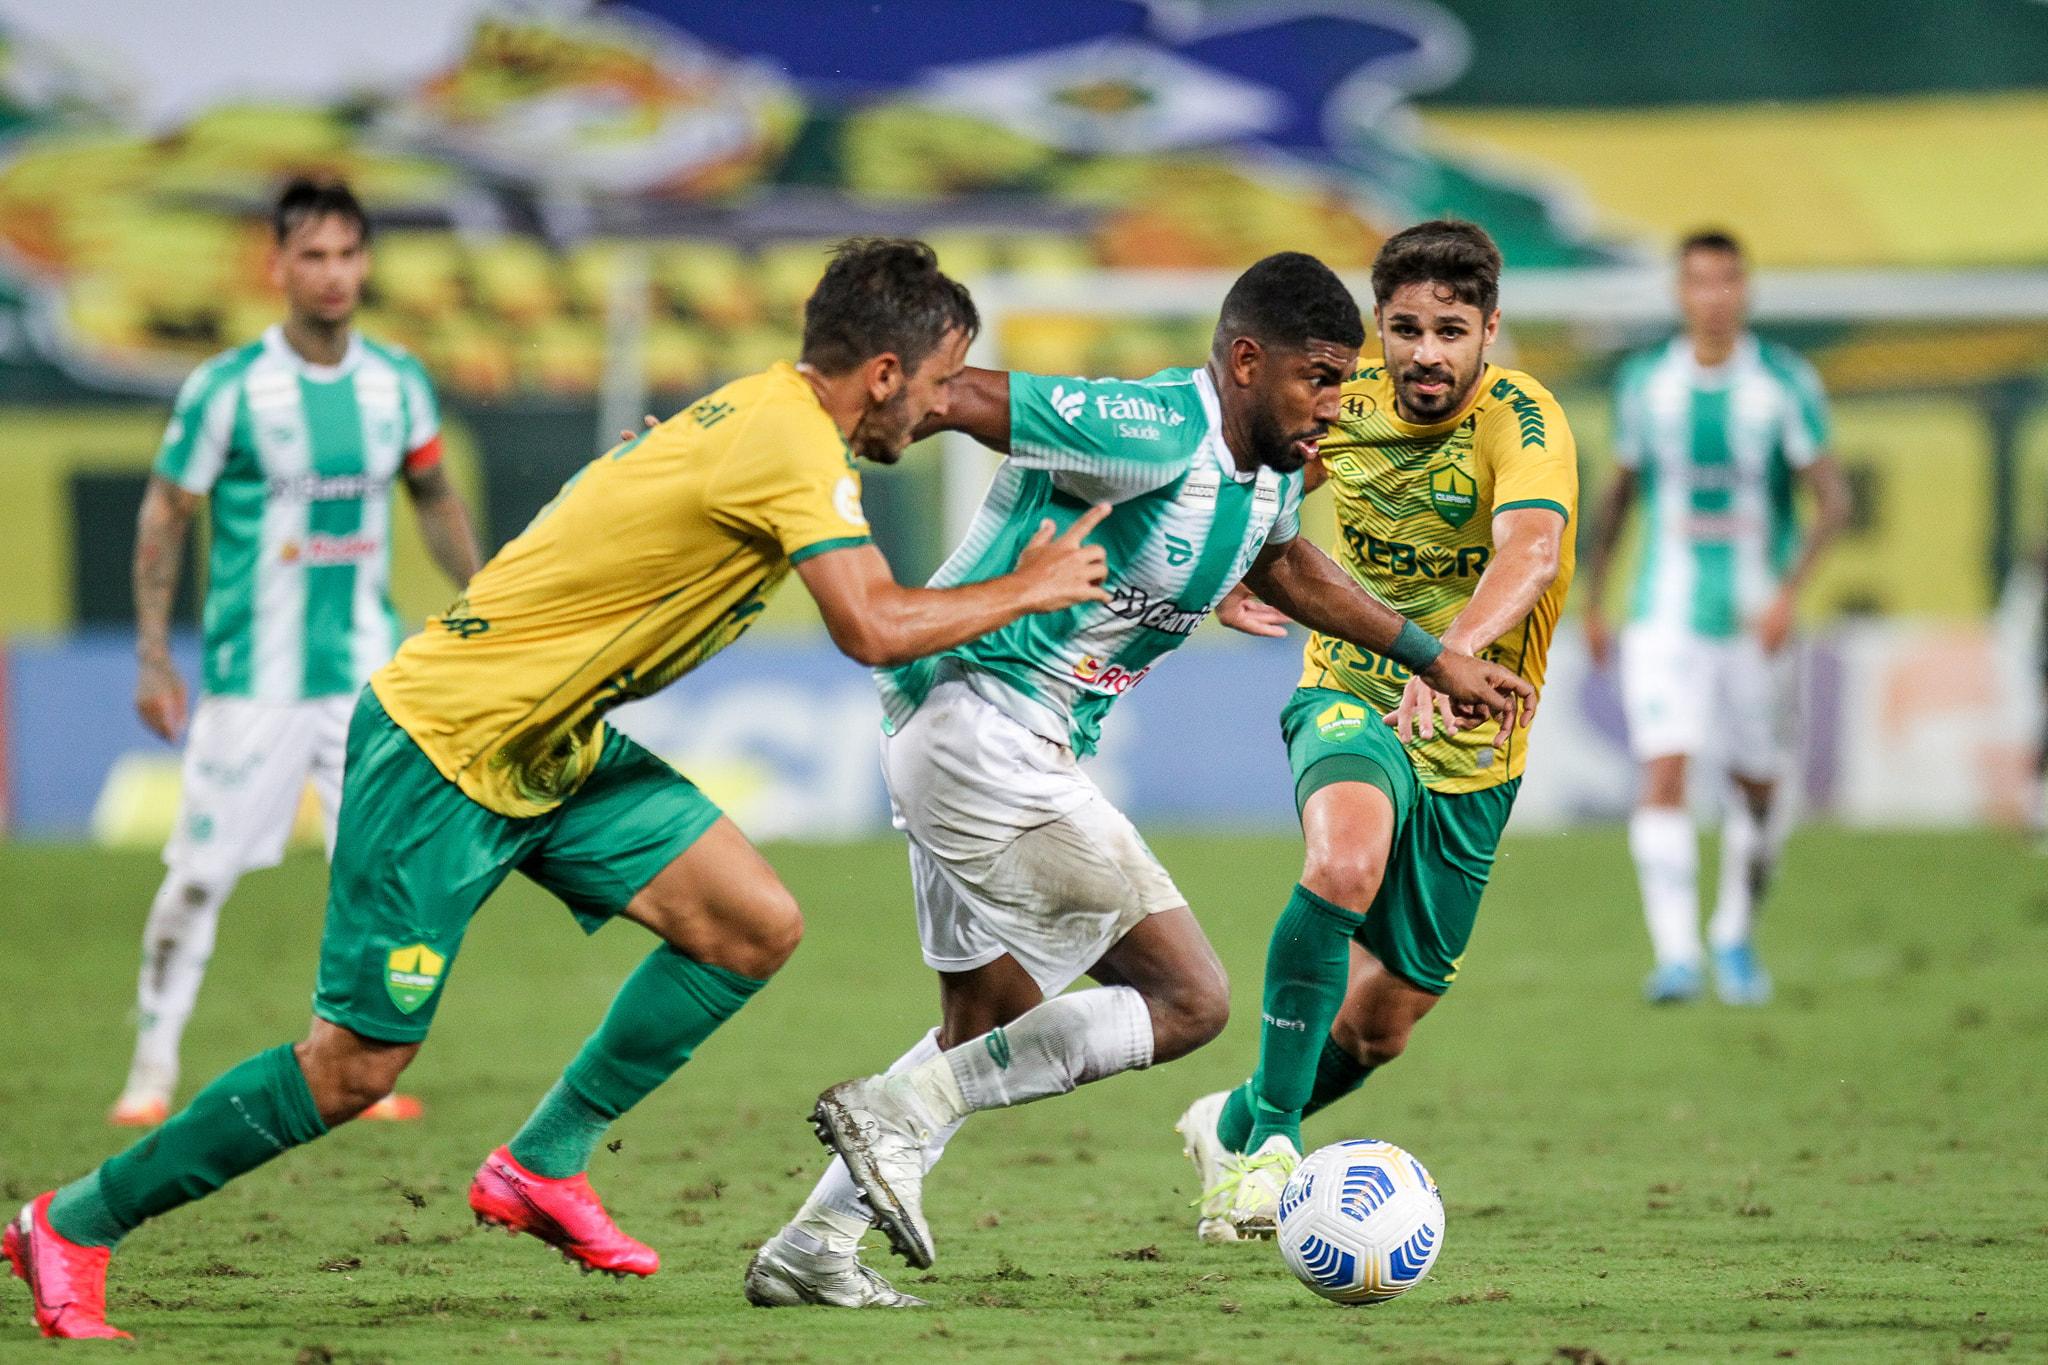 Juventude e Cuiabá empataram em 2 a 2 na Arena Pantanal